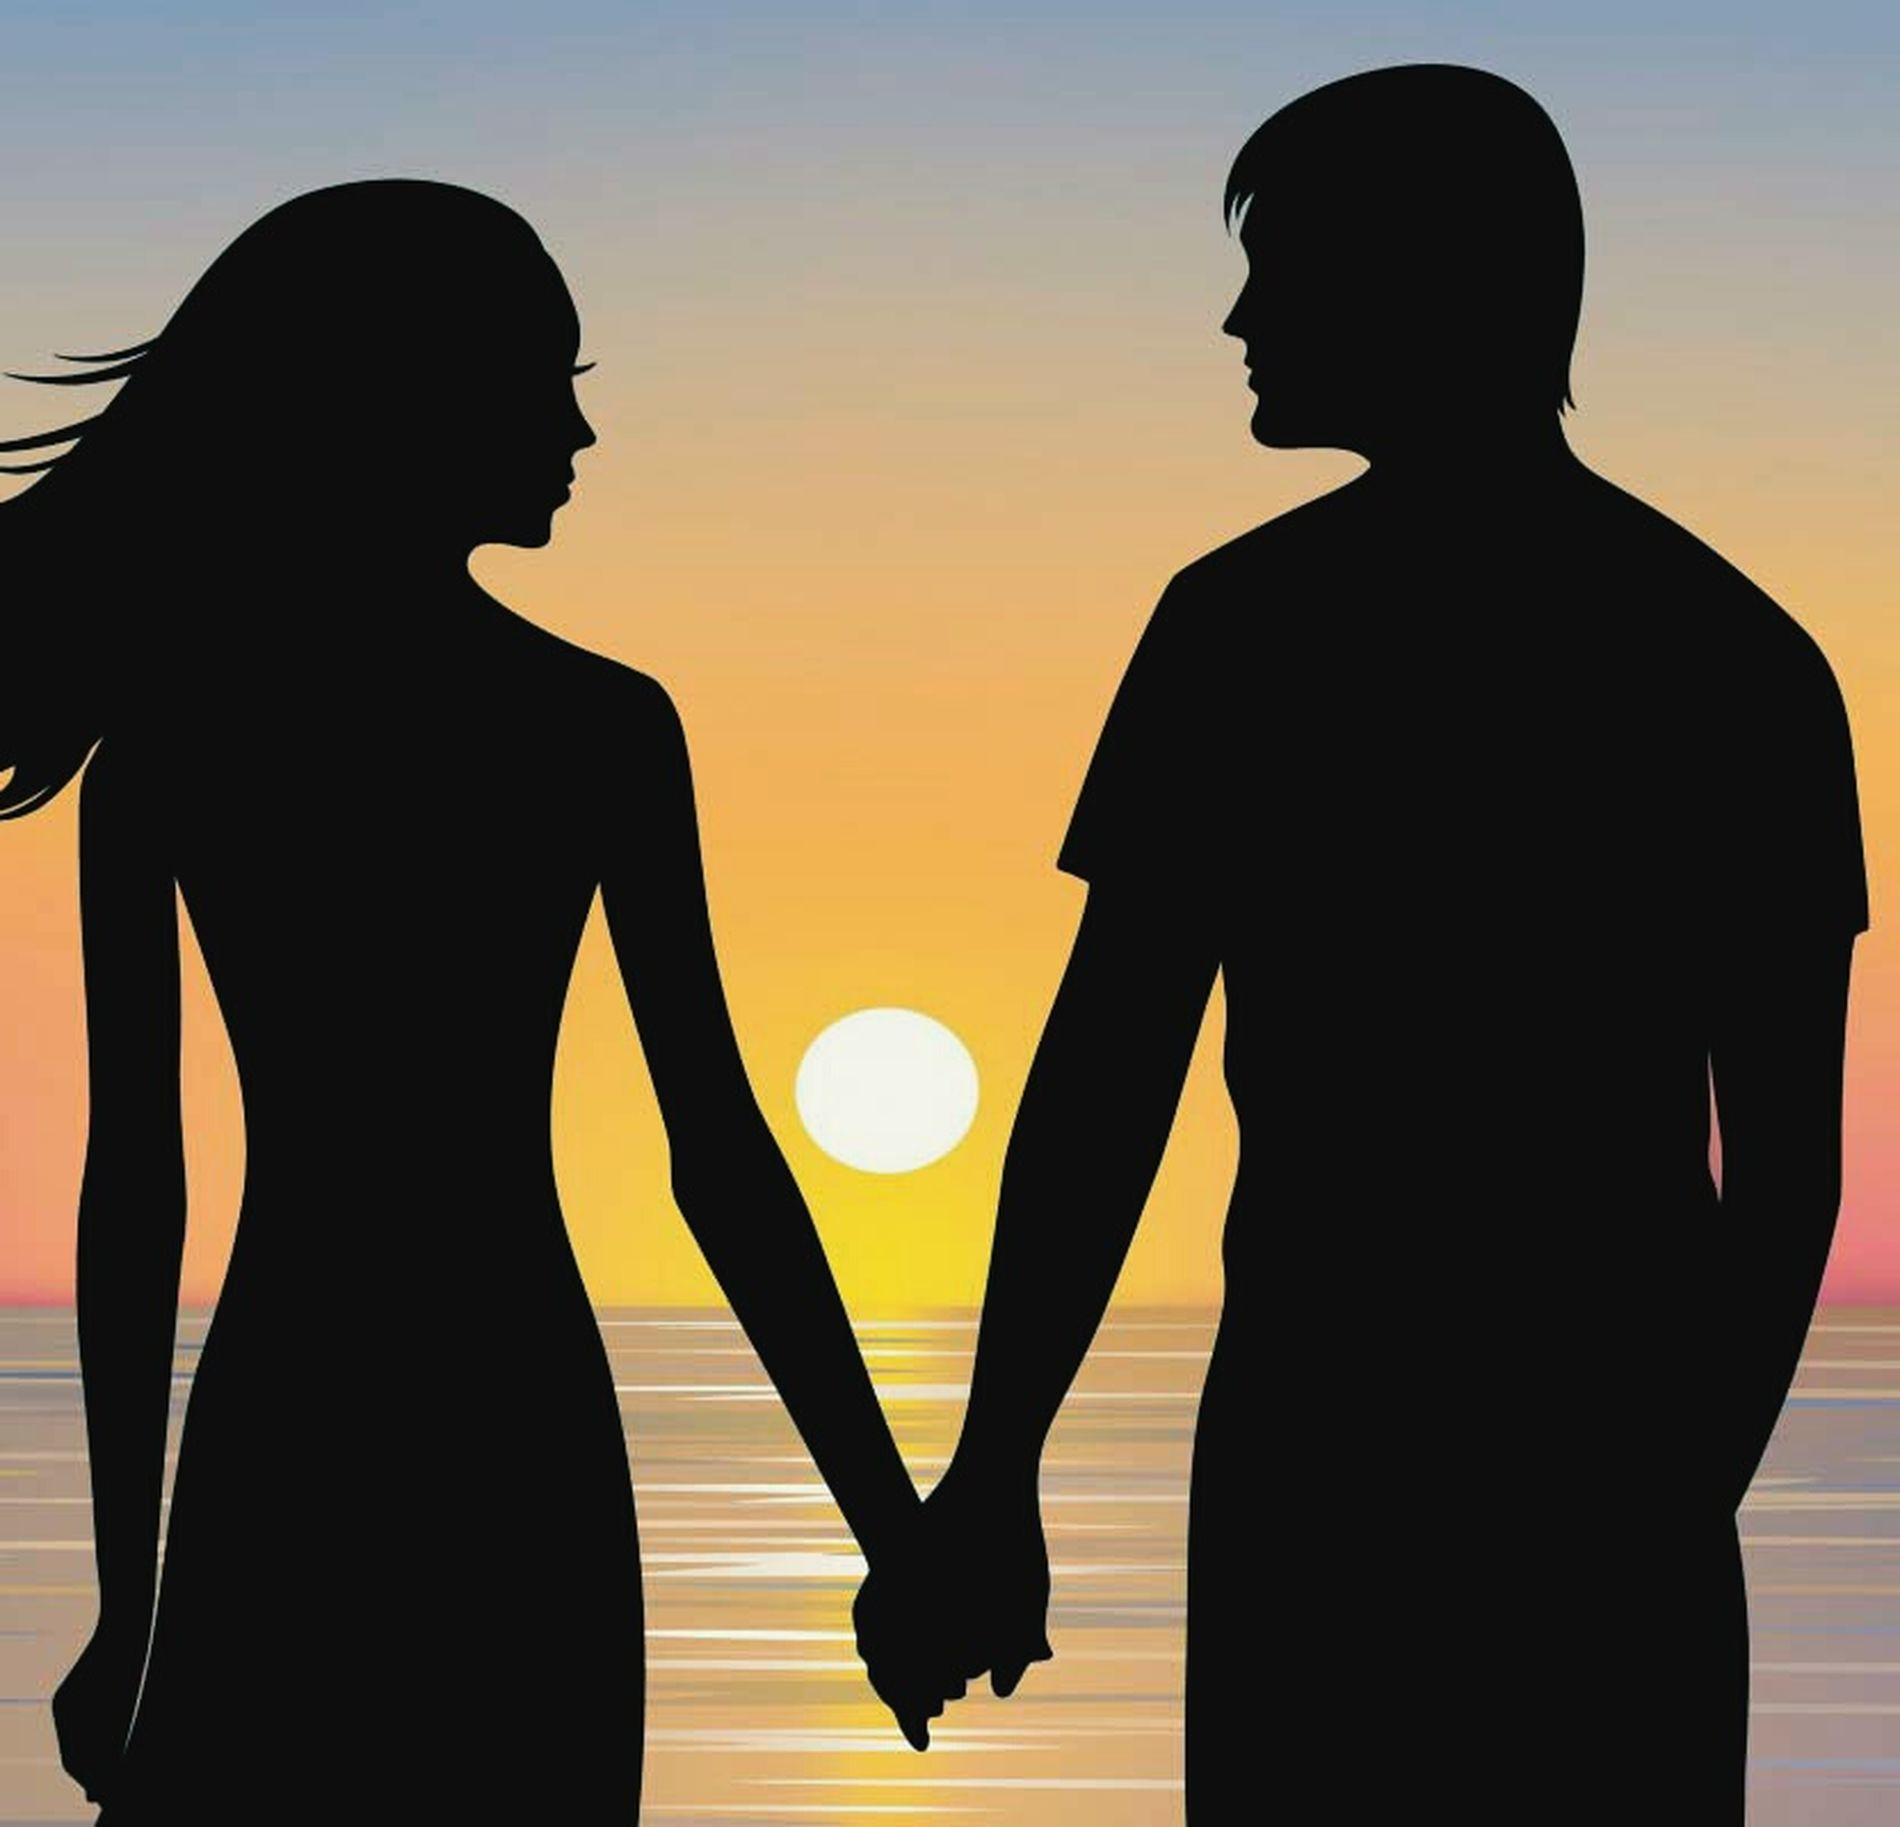 حب البهيج الحب حققي 💜💜💜💜 الأشياء الجميلة♥♡~` الزمن الجميل ملاكي الجميل بحب حبيبي وبث شكراً❤️🌹حبيبتي❤️😘 صديقتي حبيبتي حبيبتي بكماء.القلب الرقيق صفاقس في الليل نور_القمر_فقطالقمر